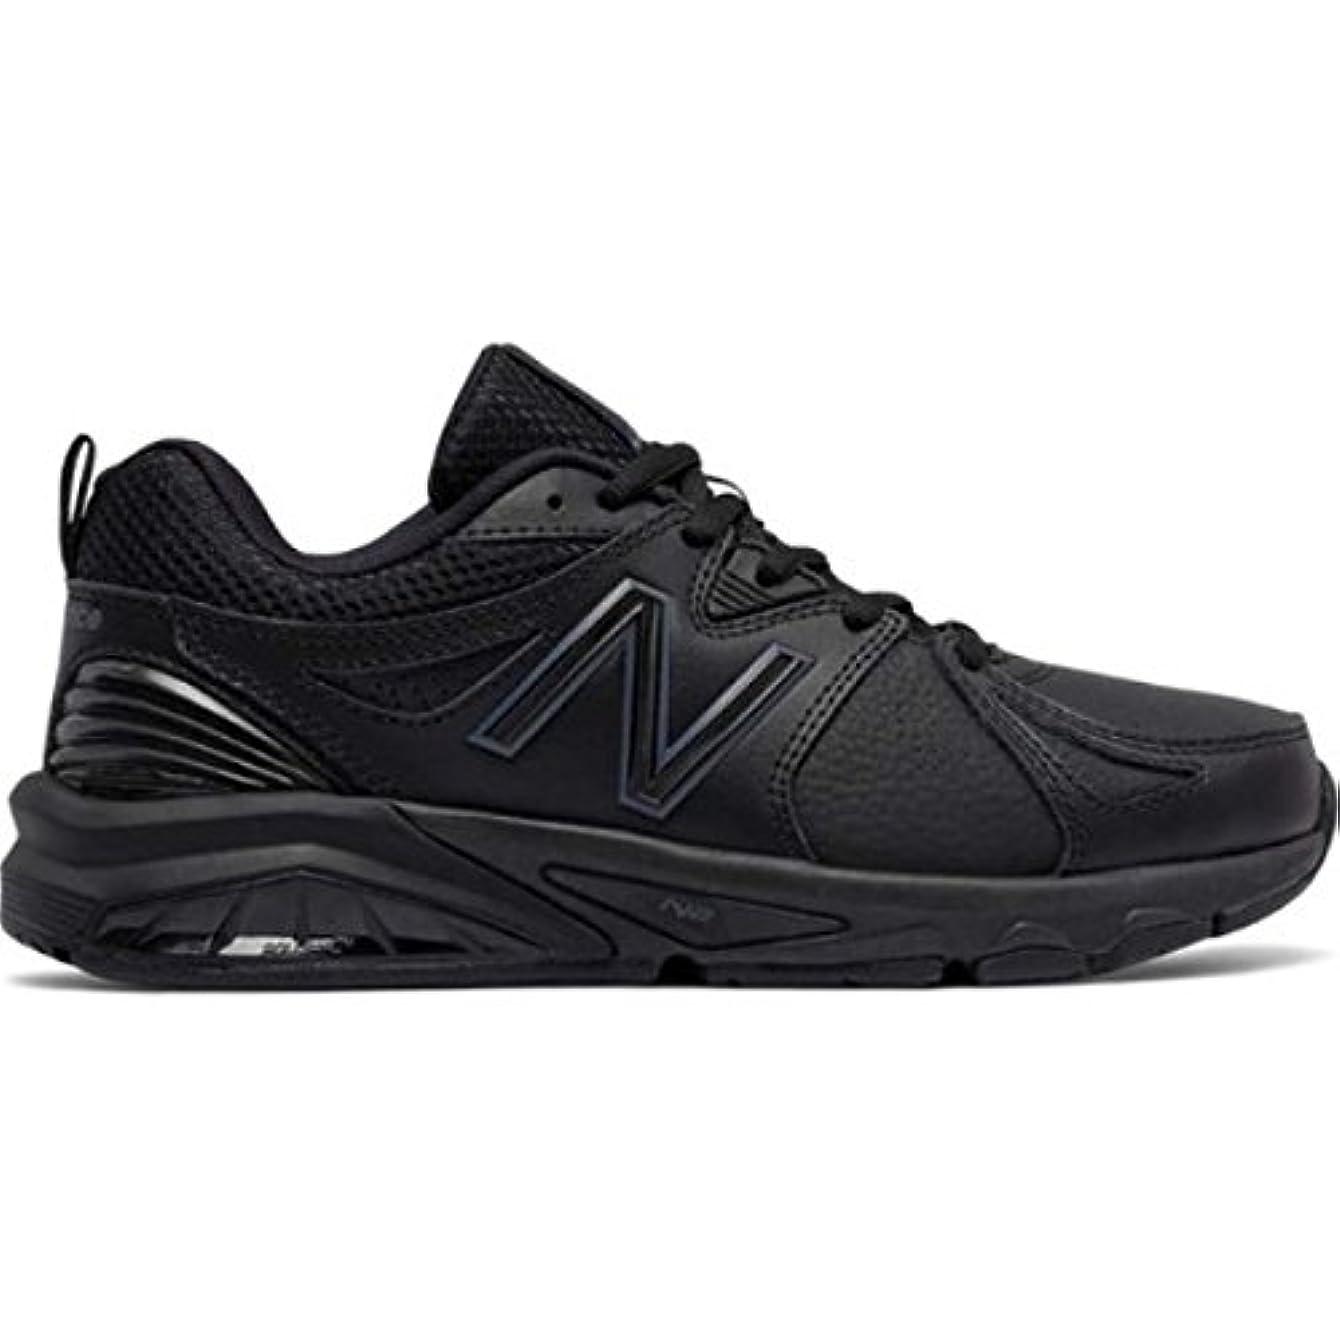 兄むさぼり食う異常(ニューバランス) New Balance レディース シューズ?靴 スニーカー 857v2 Training Shoe [並行輸入品]